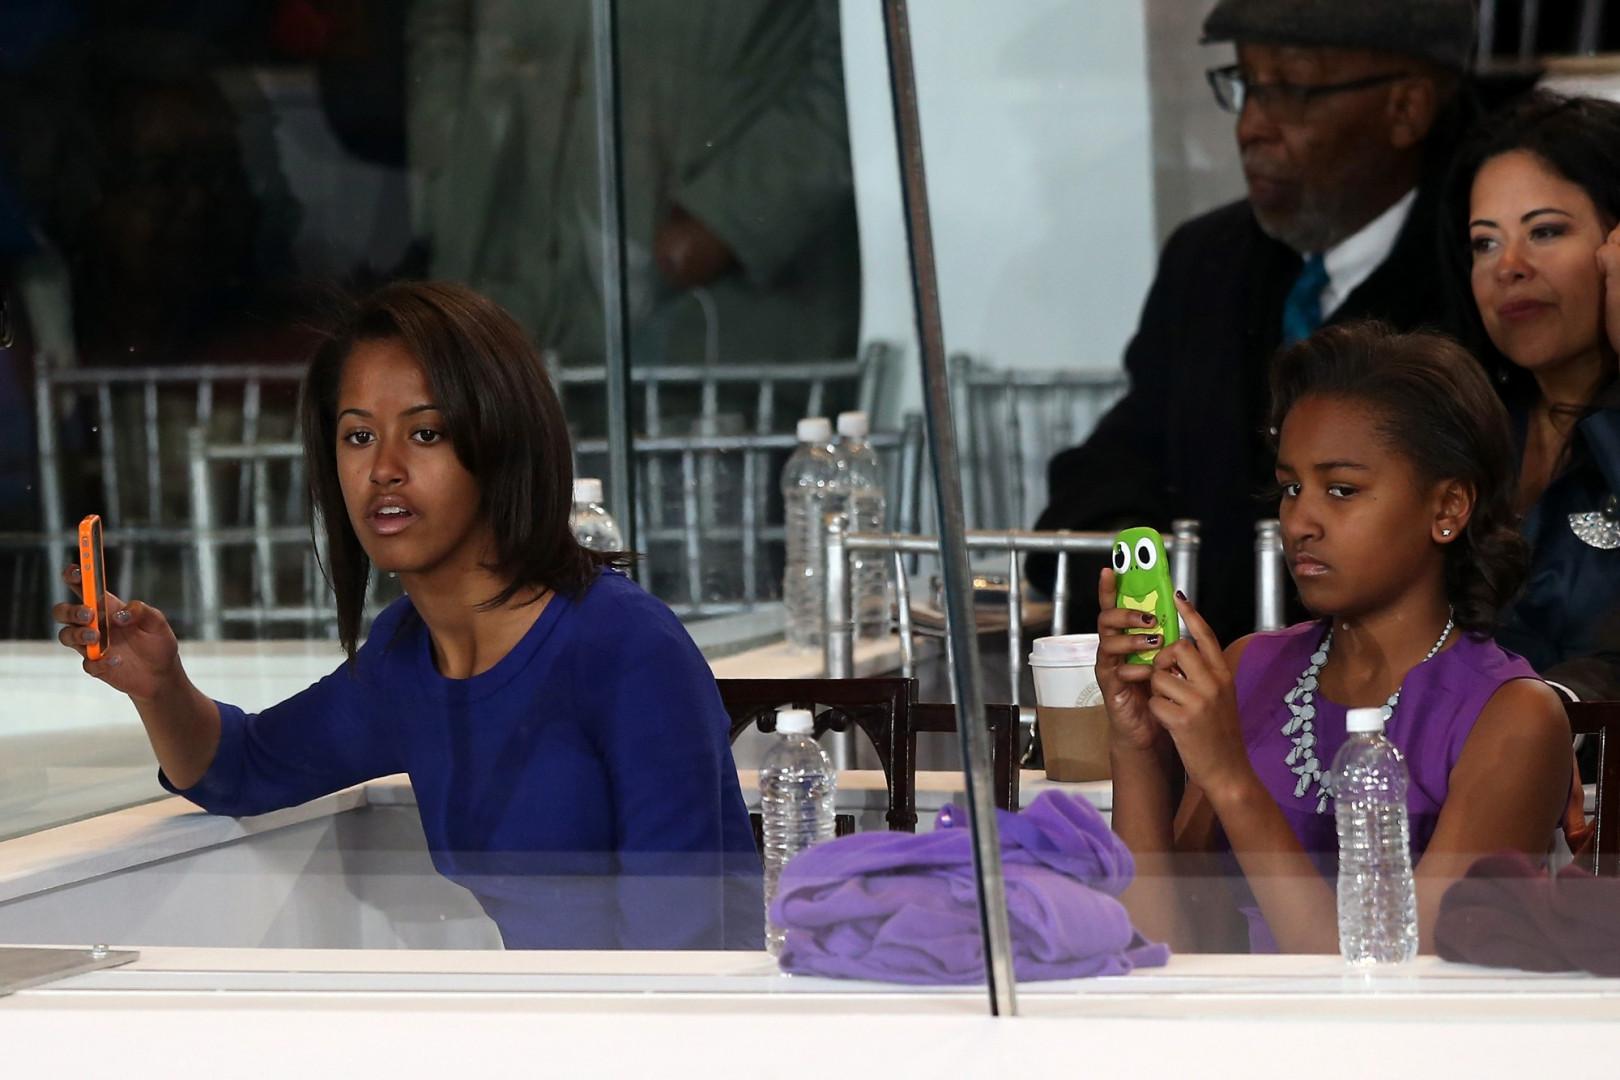 Avec leurs smartphones, les deux soeurs ne perdent pas une miette de la cérémonie d'inauguration de l'Aile ouest du Capitole. À moins que ce soit pour aller sur Facebook...